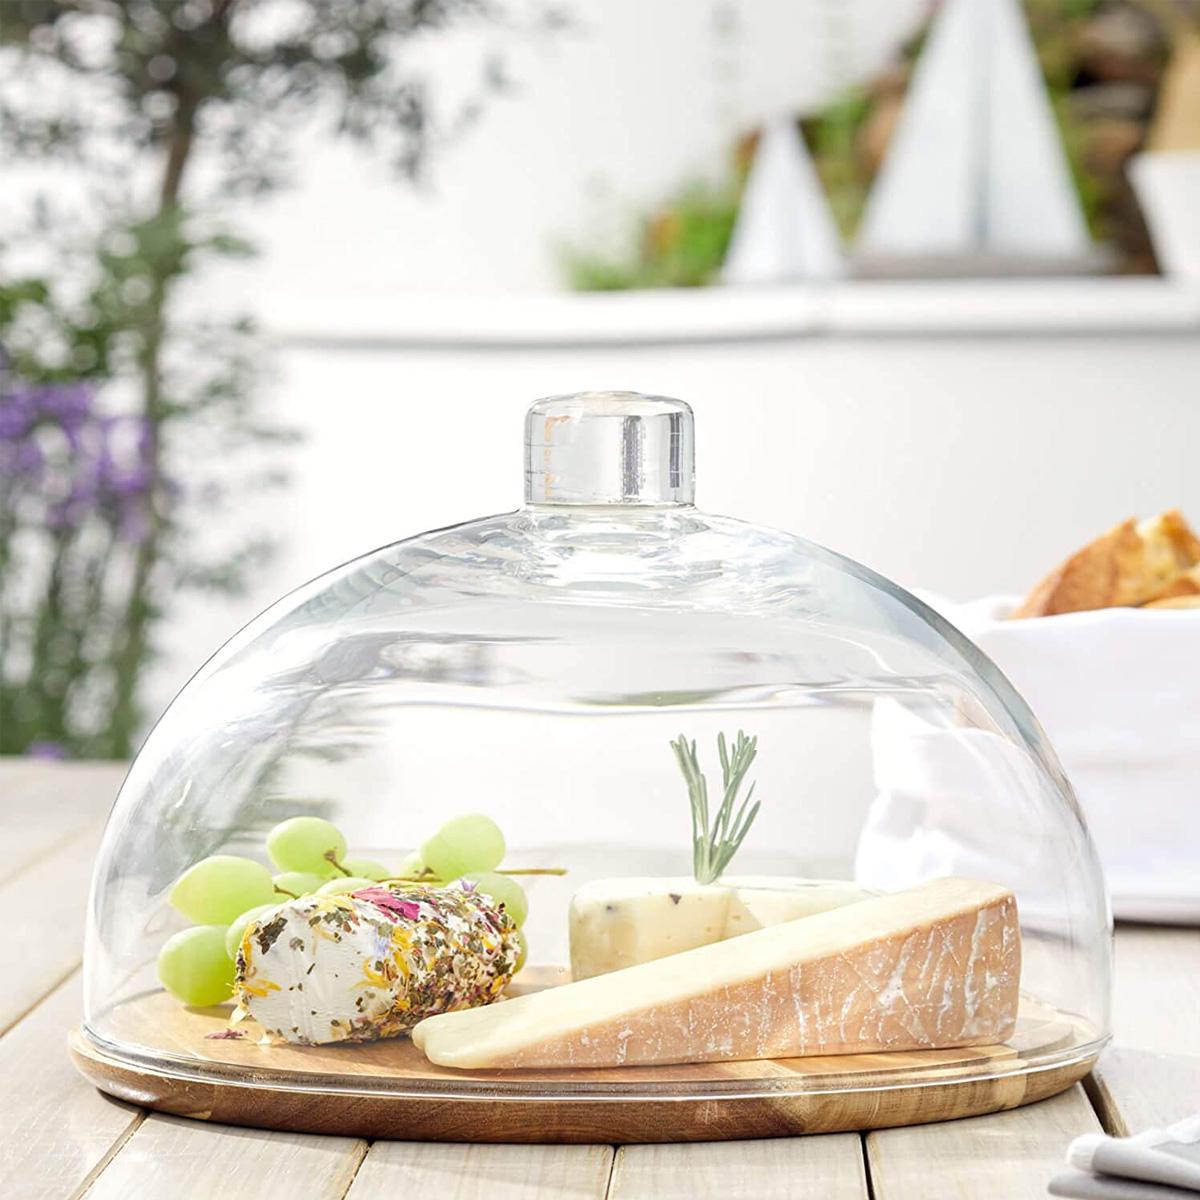 Zvono za čuvanje hrane Cucina 18519